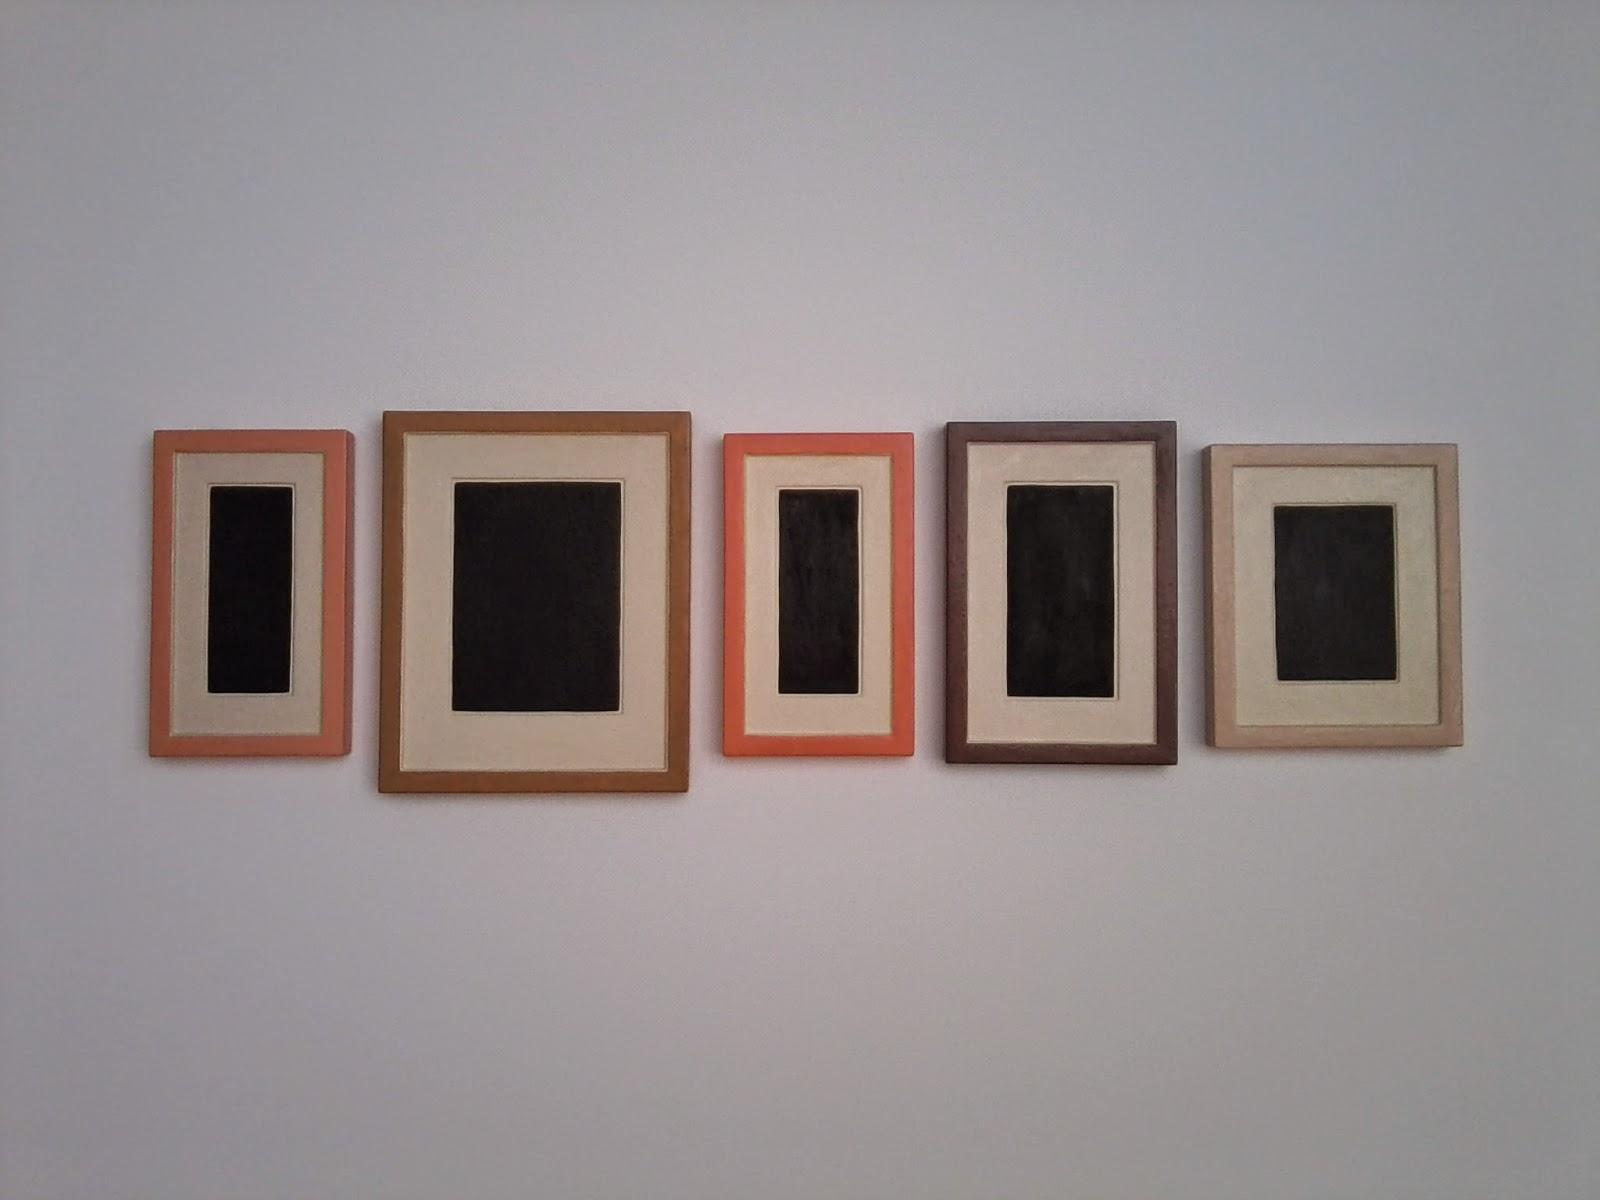 Blog de Arte, Voa-Gallery, Fundación ARCO, Colección, fotografía, Centro de Arte Alcobendas, Exposición temporal, Variation, Instalación, Allan McCollum,